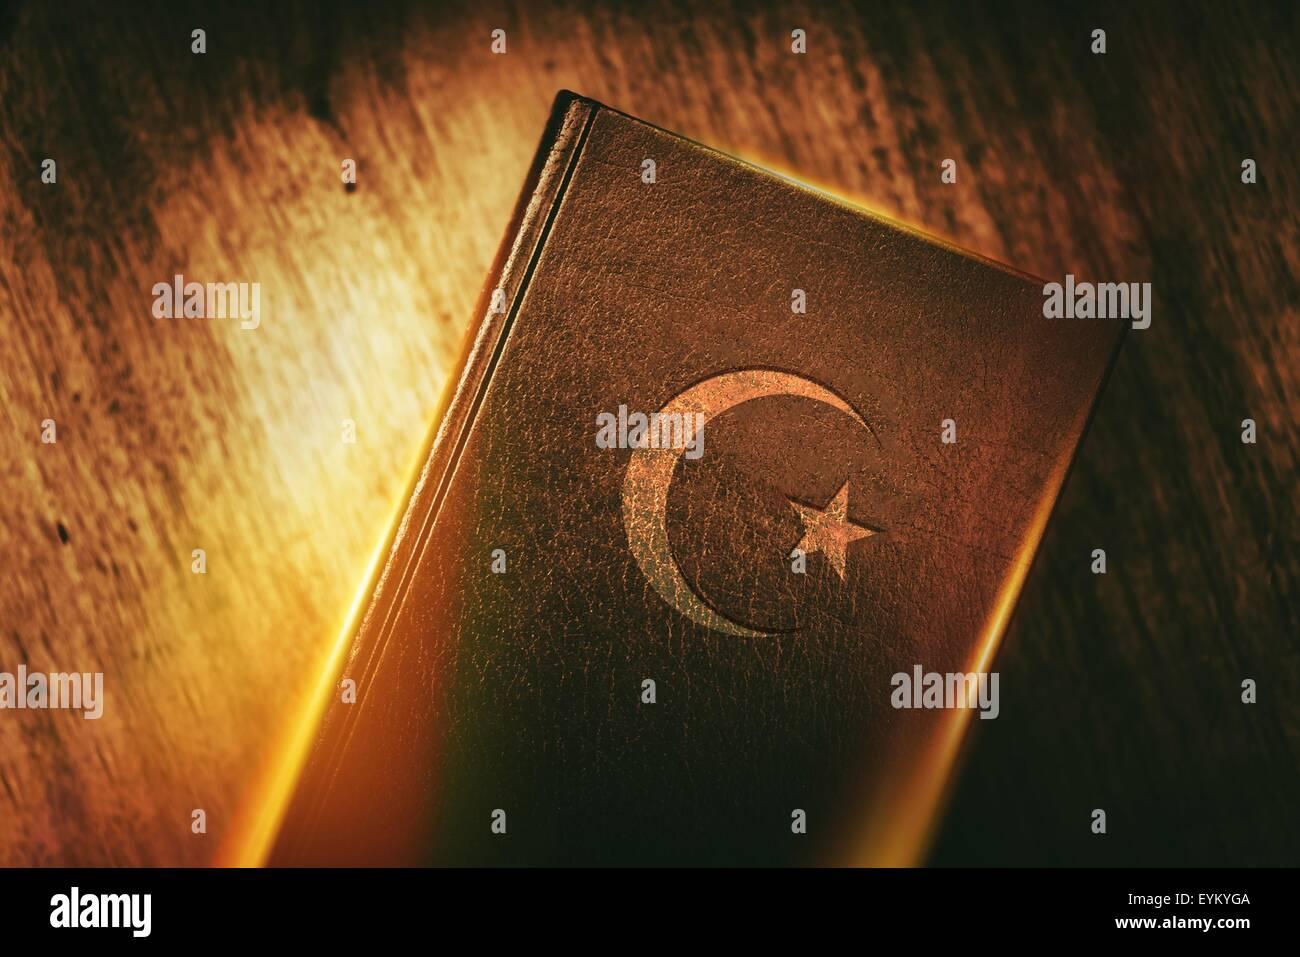 L'Islam concept book con Stella e Crescent. Corano testo religioso dell'Islam concetto foto. Immagini Stock